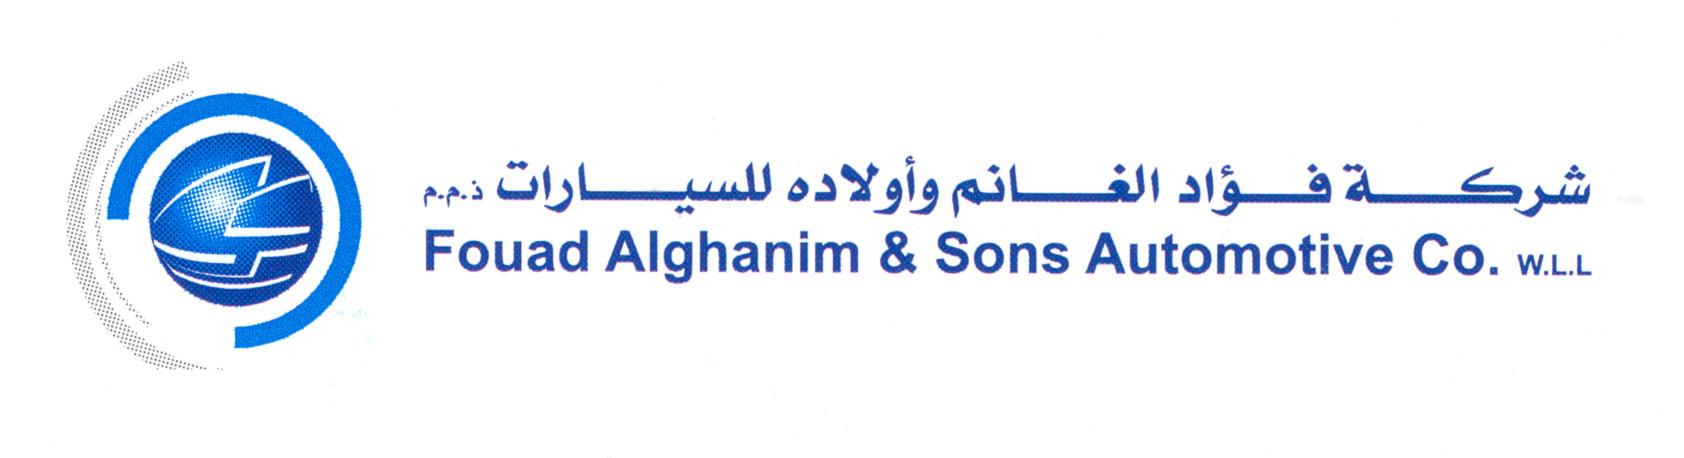 logo_FOUAD ALGHANIM & SONS-02.jpg